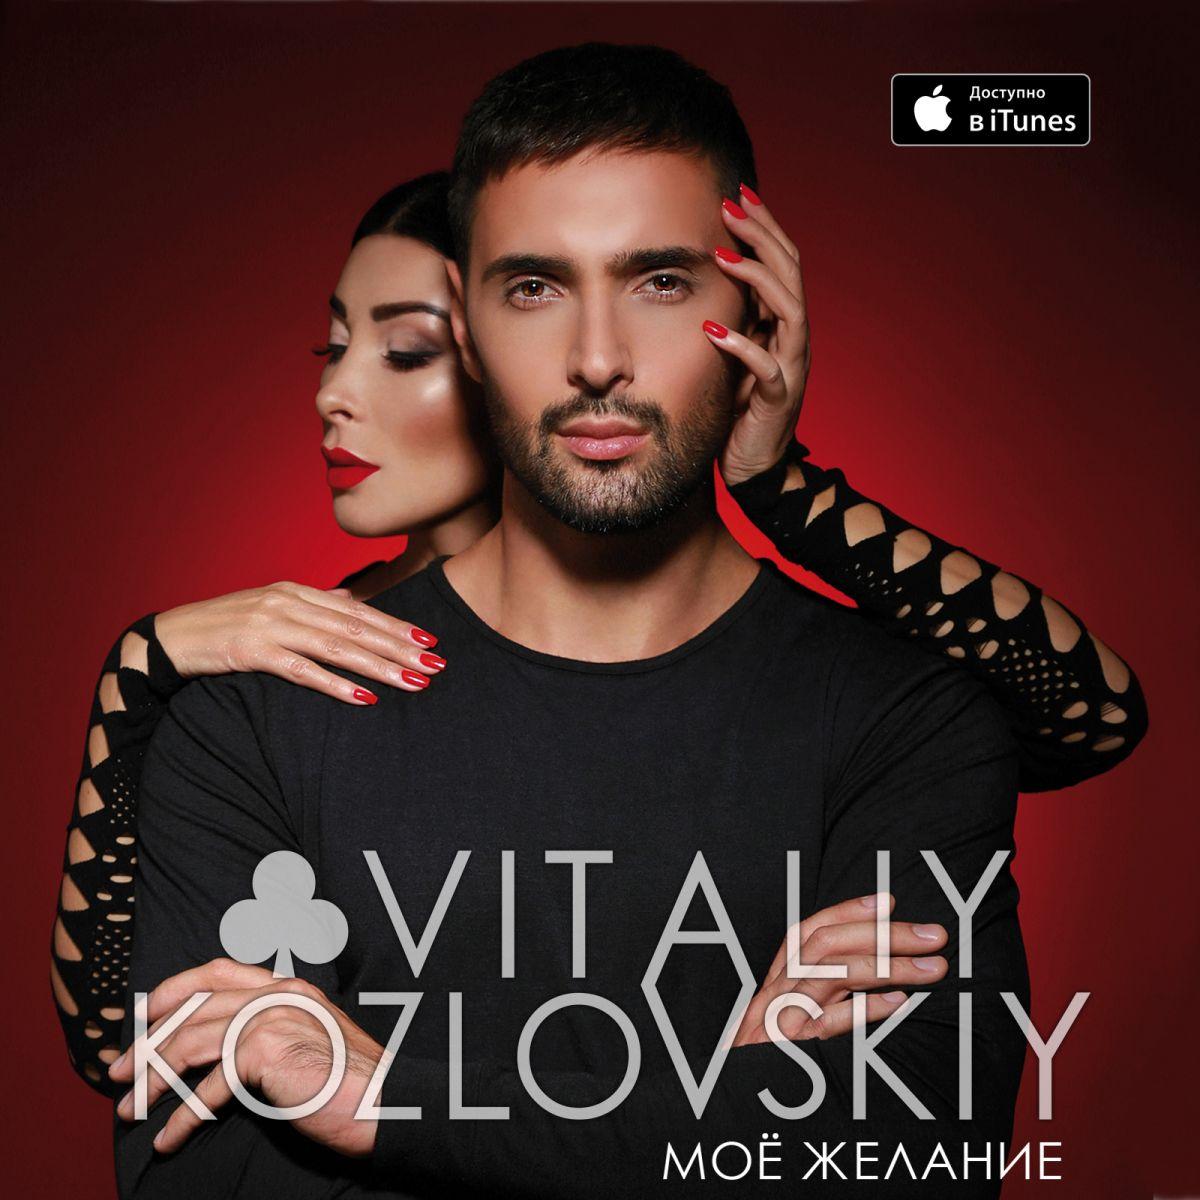 Виталий Козловский выпустил альбом